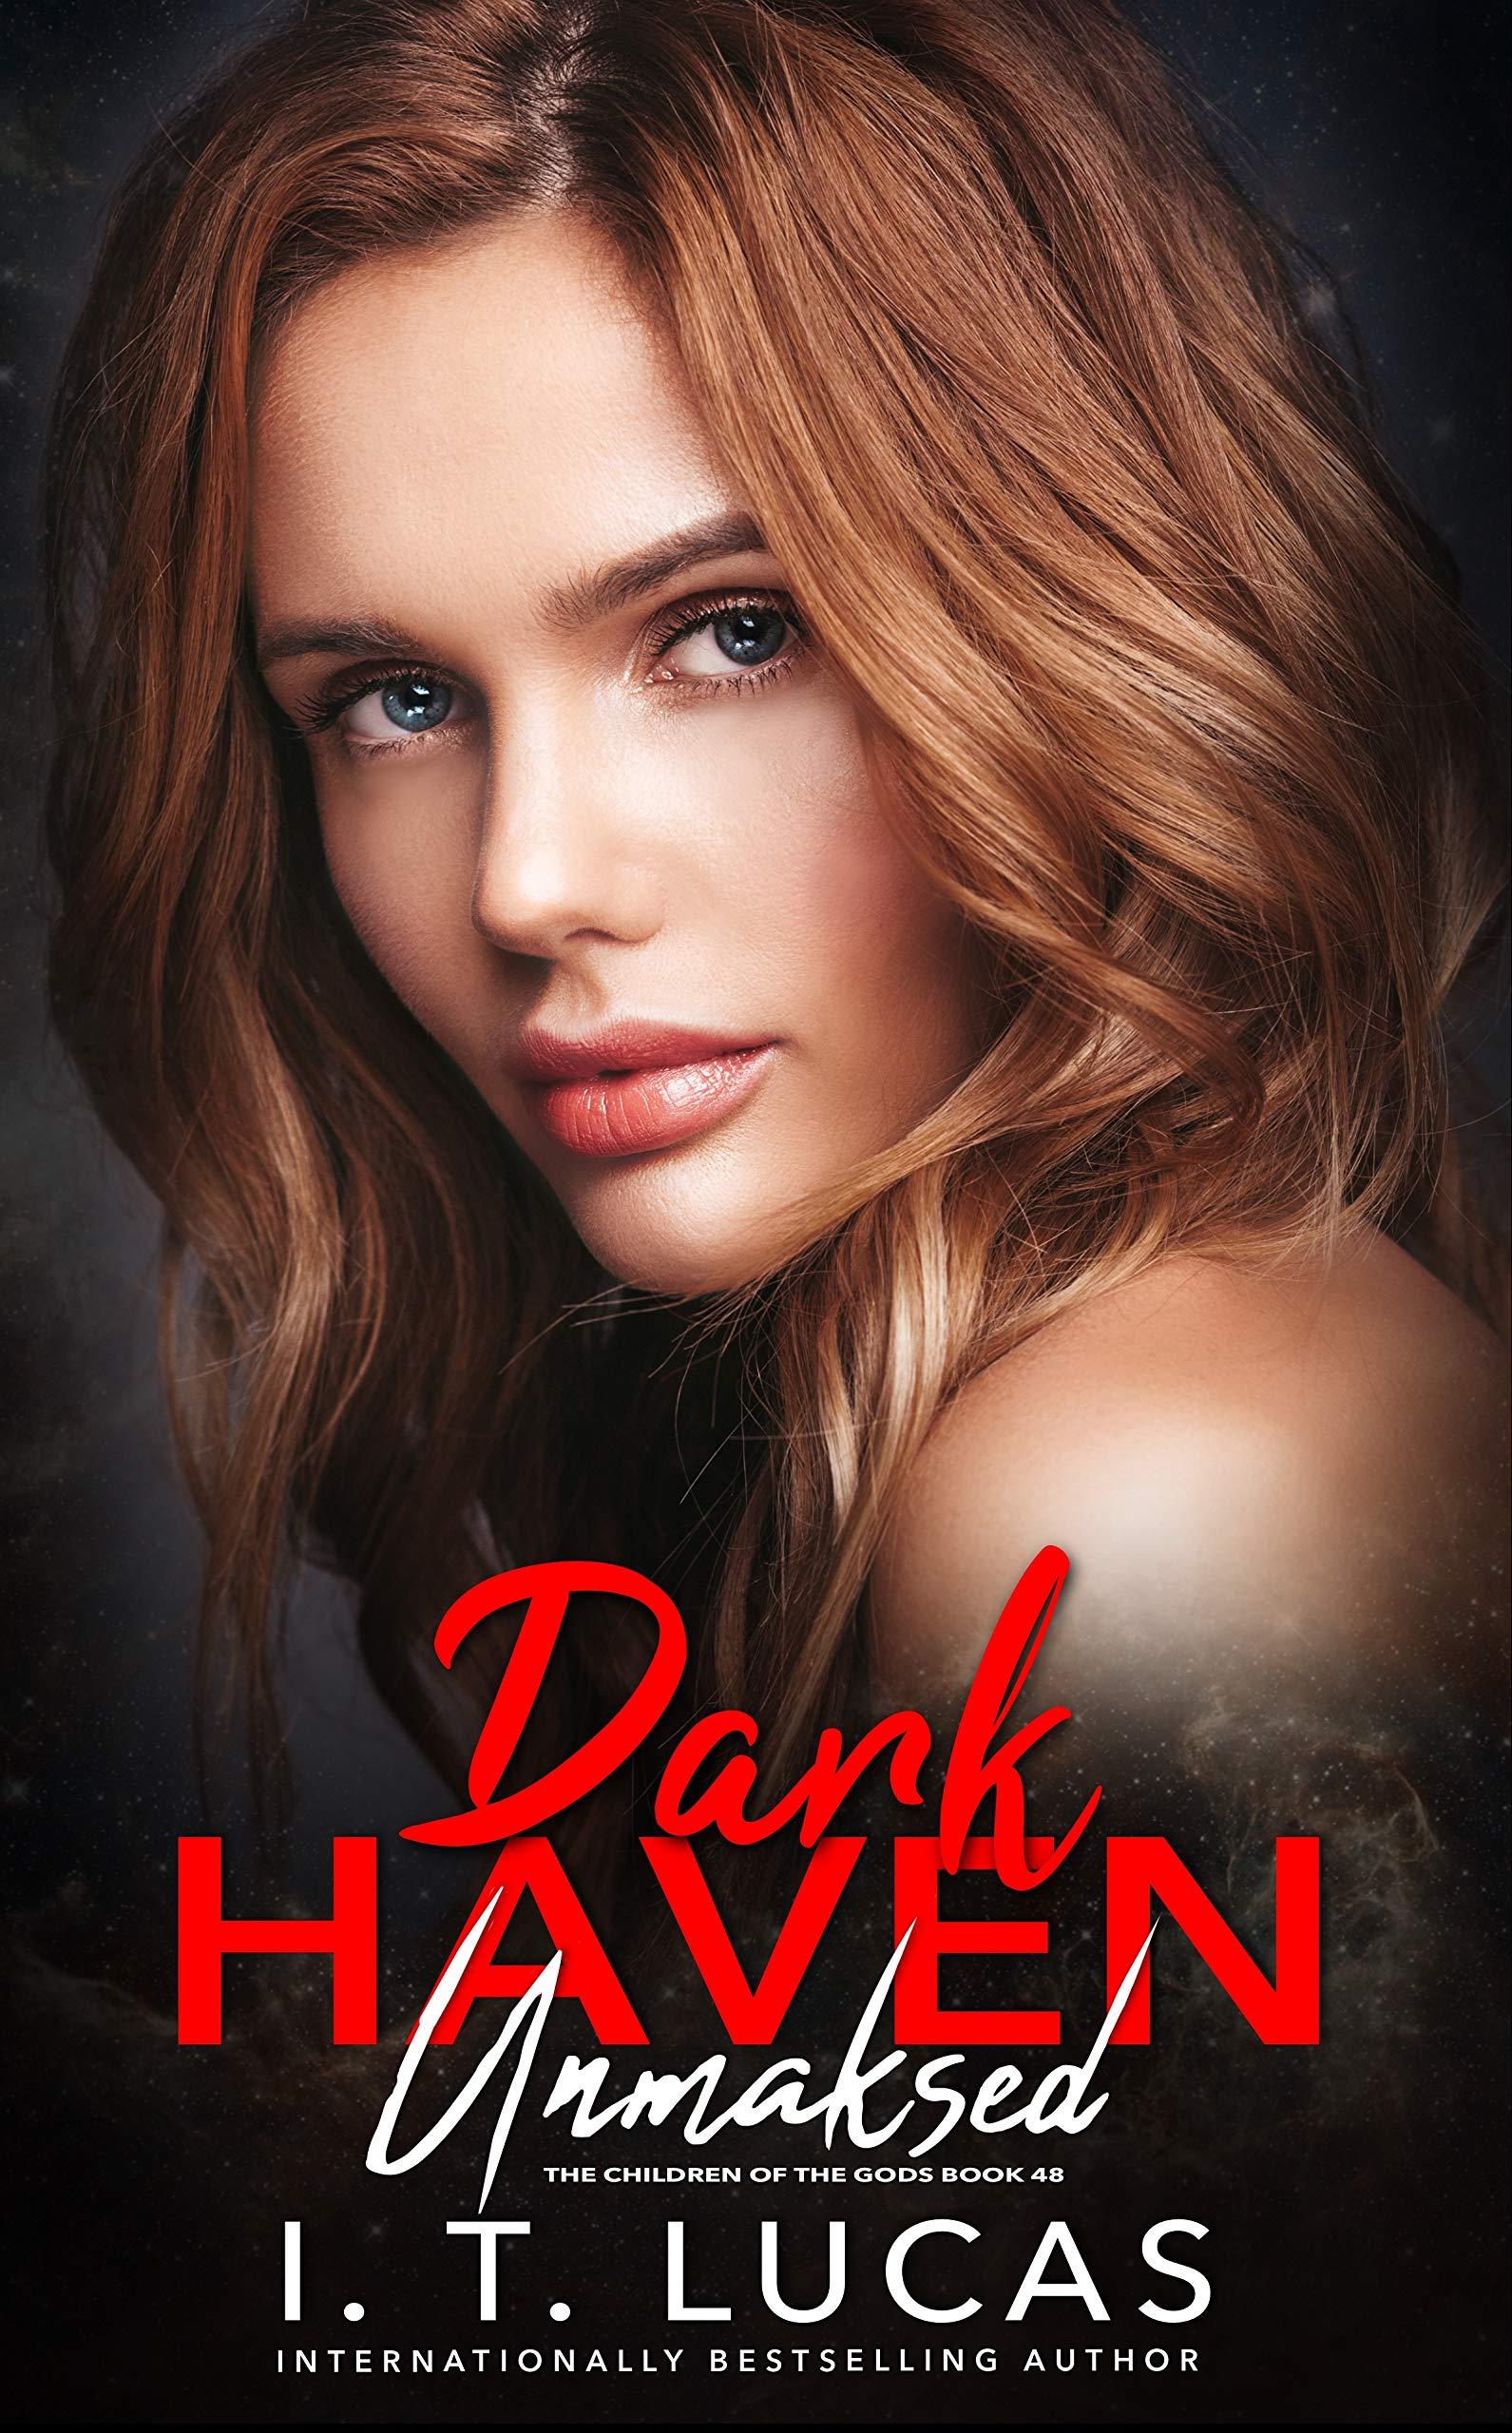 Dark Haven Unmasked (The Children Of The Gods #48)